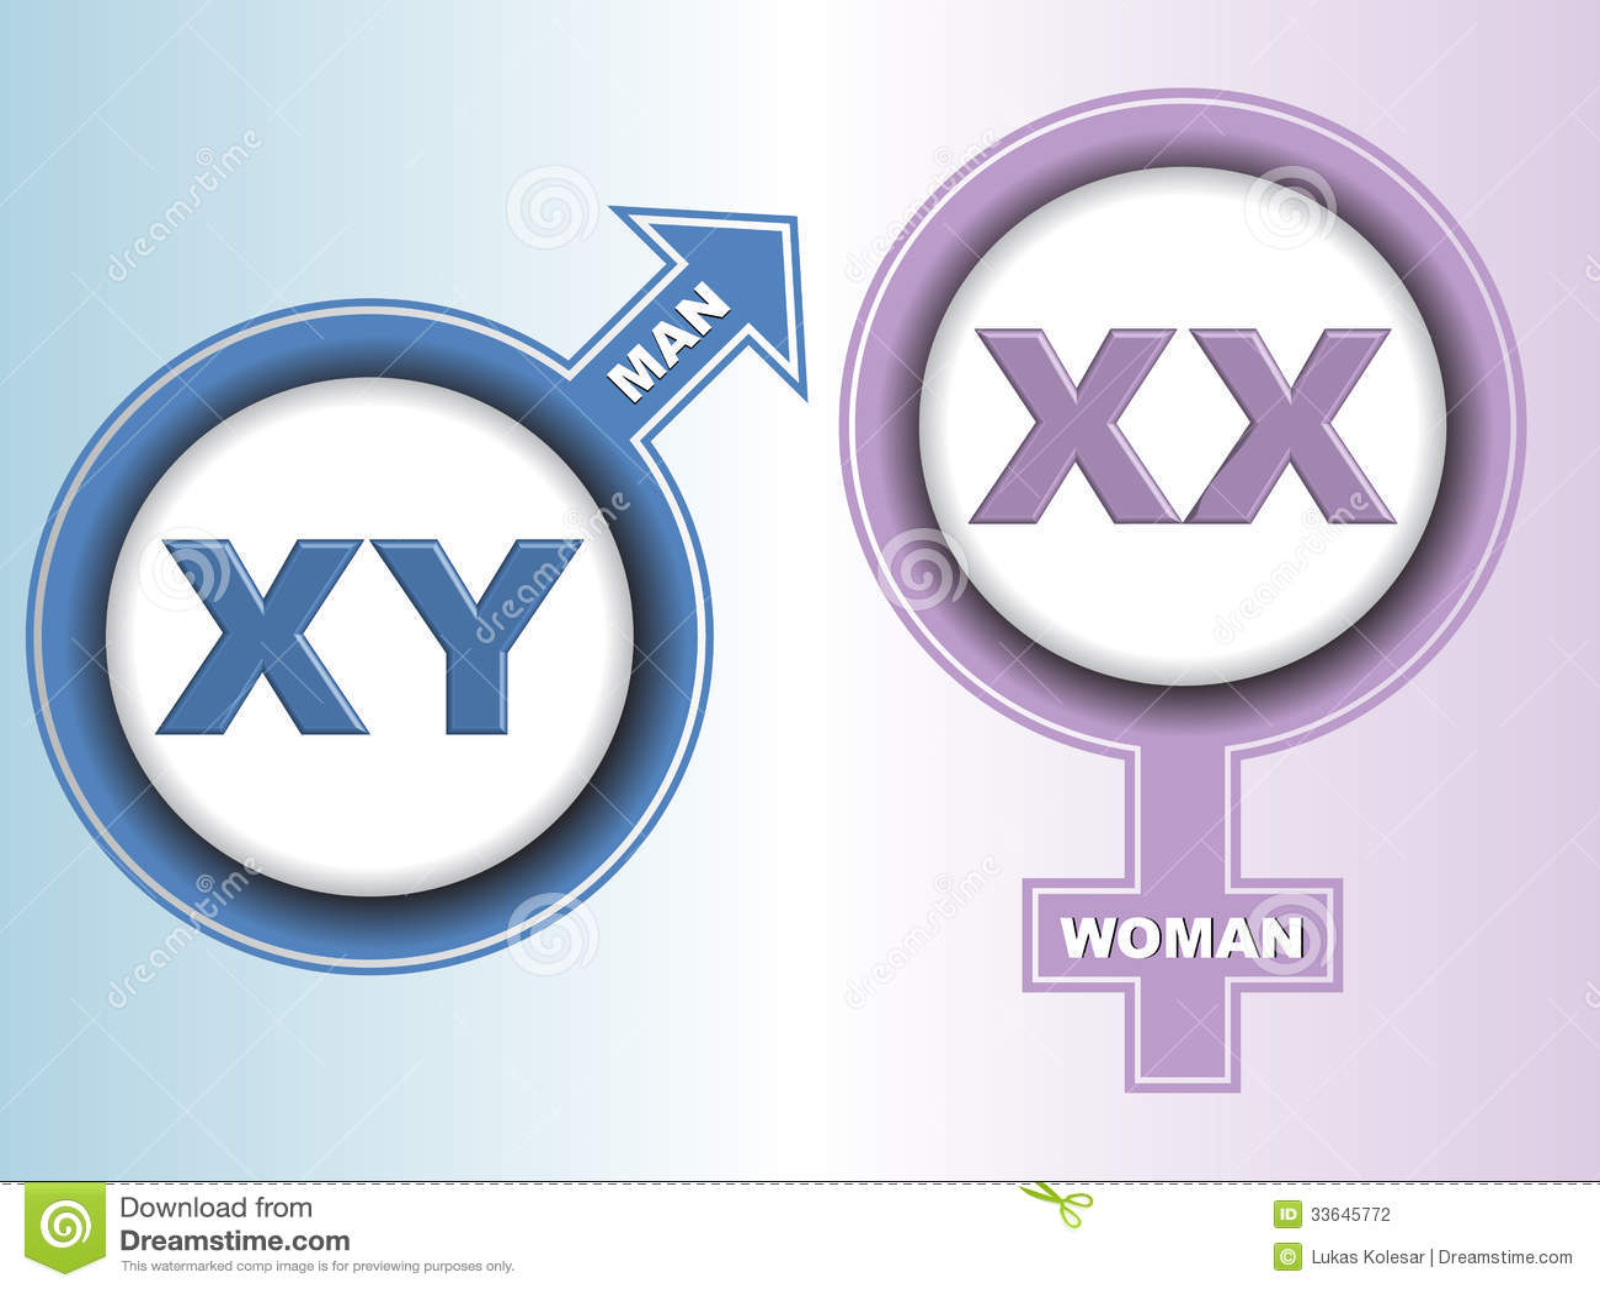 Woman Xx Man 48